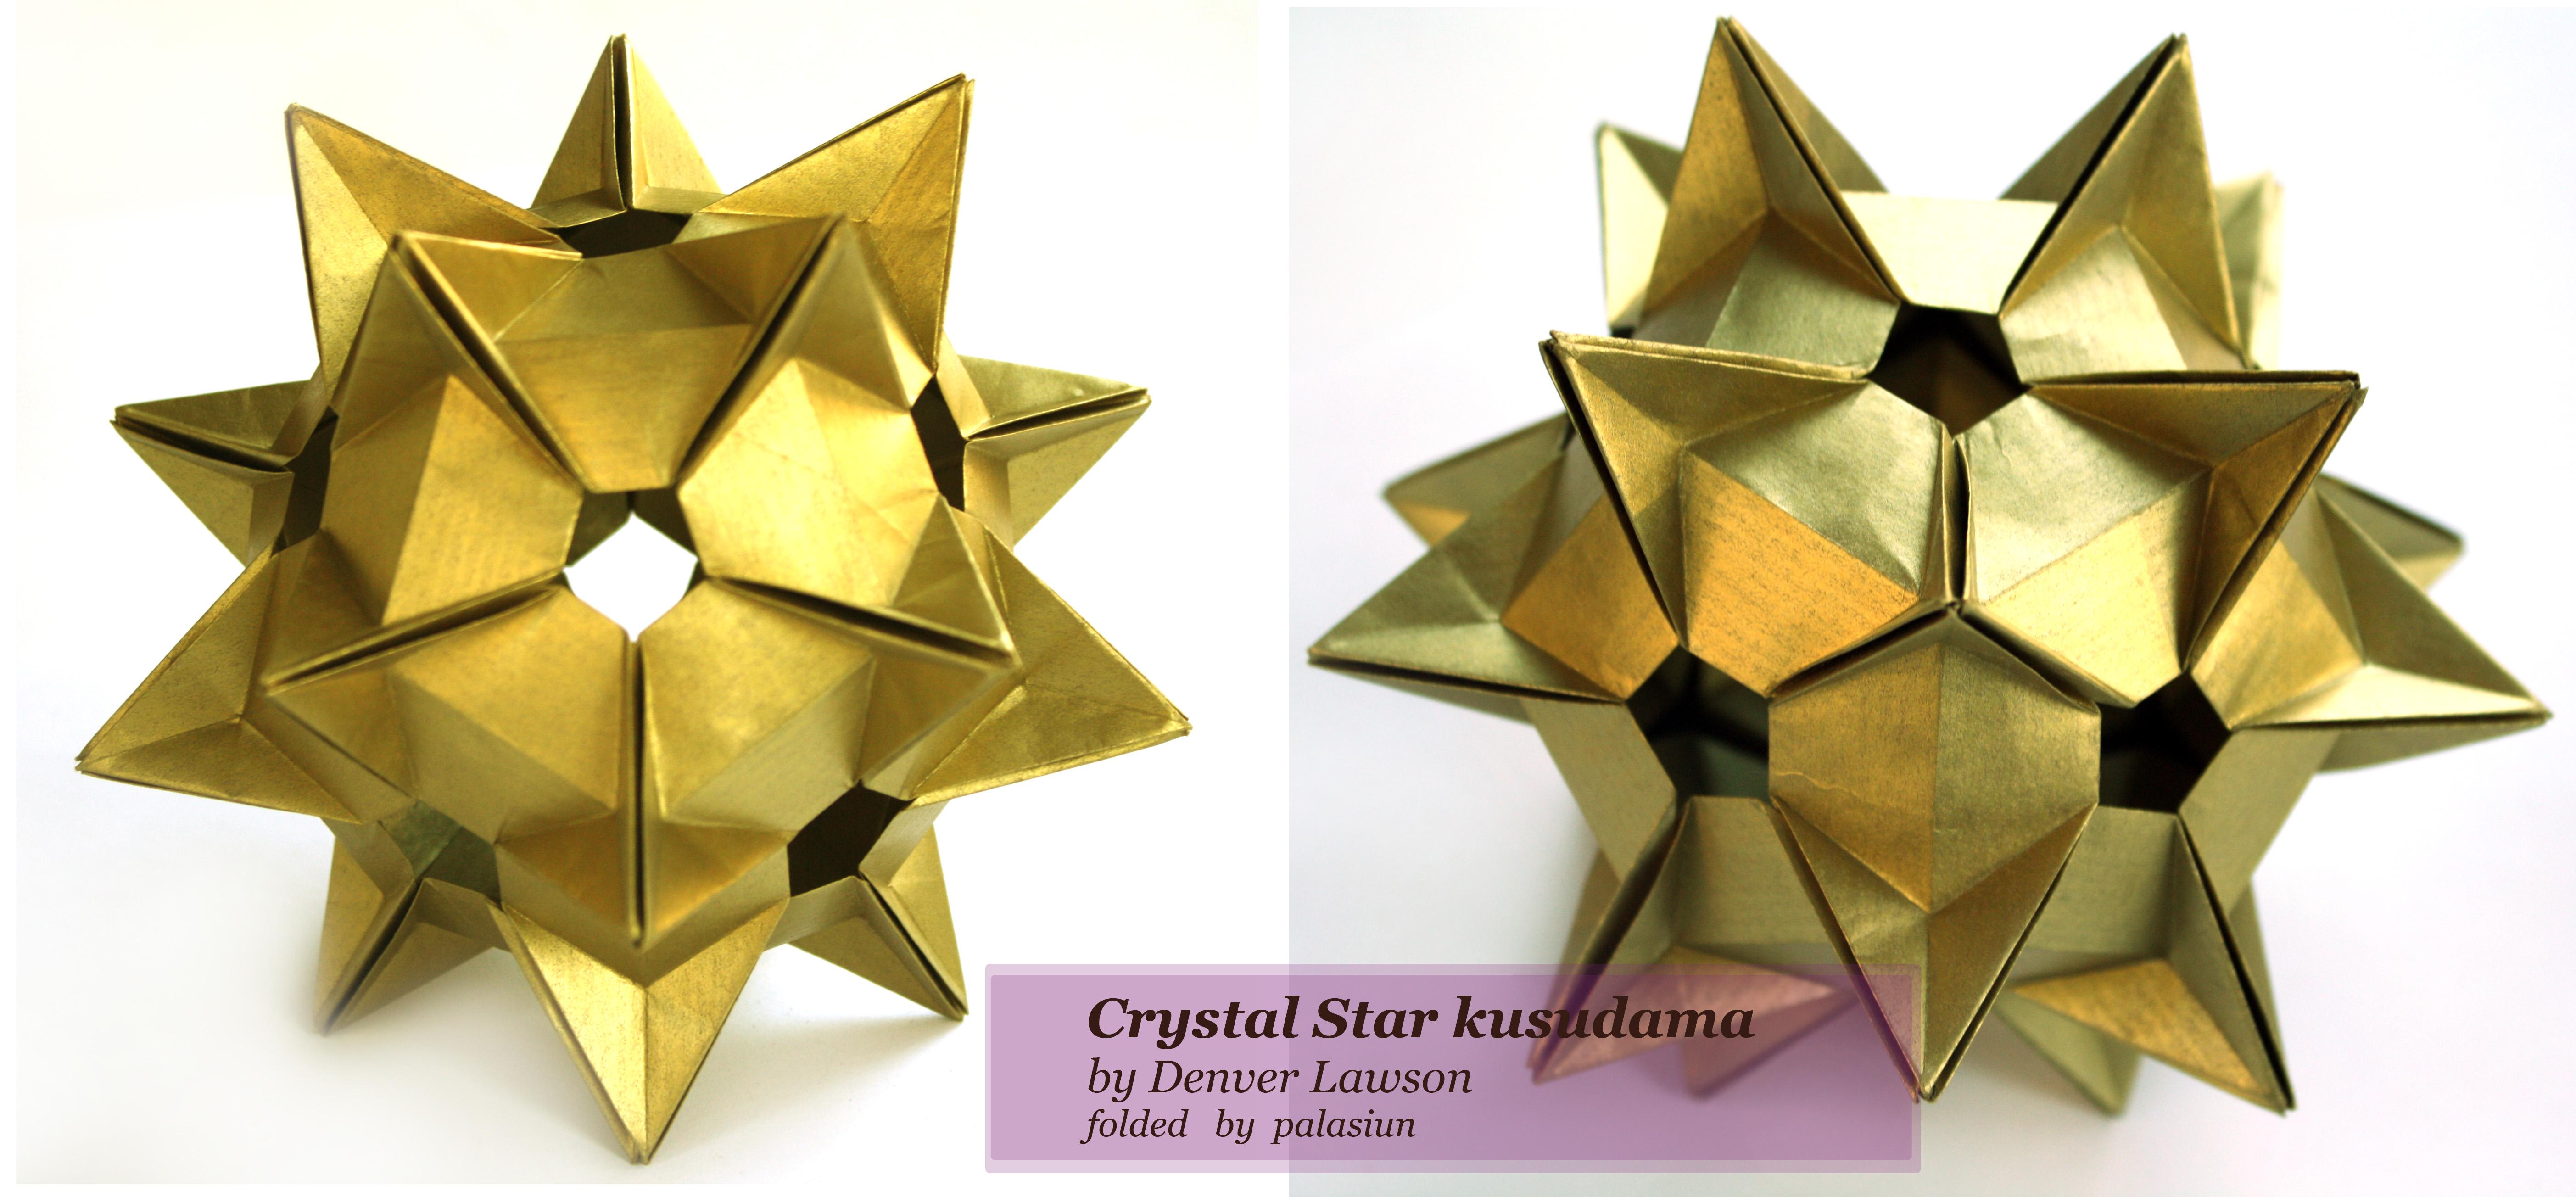 Кусудама Crystal Star - Притворяйтесь, пока не начнет получаться